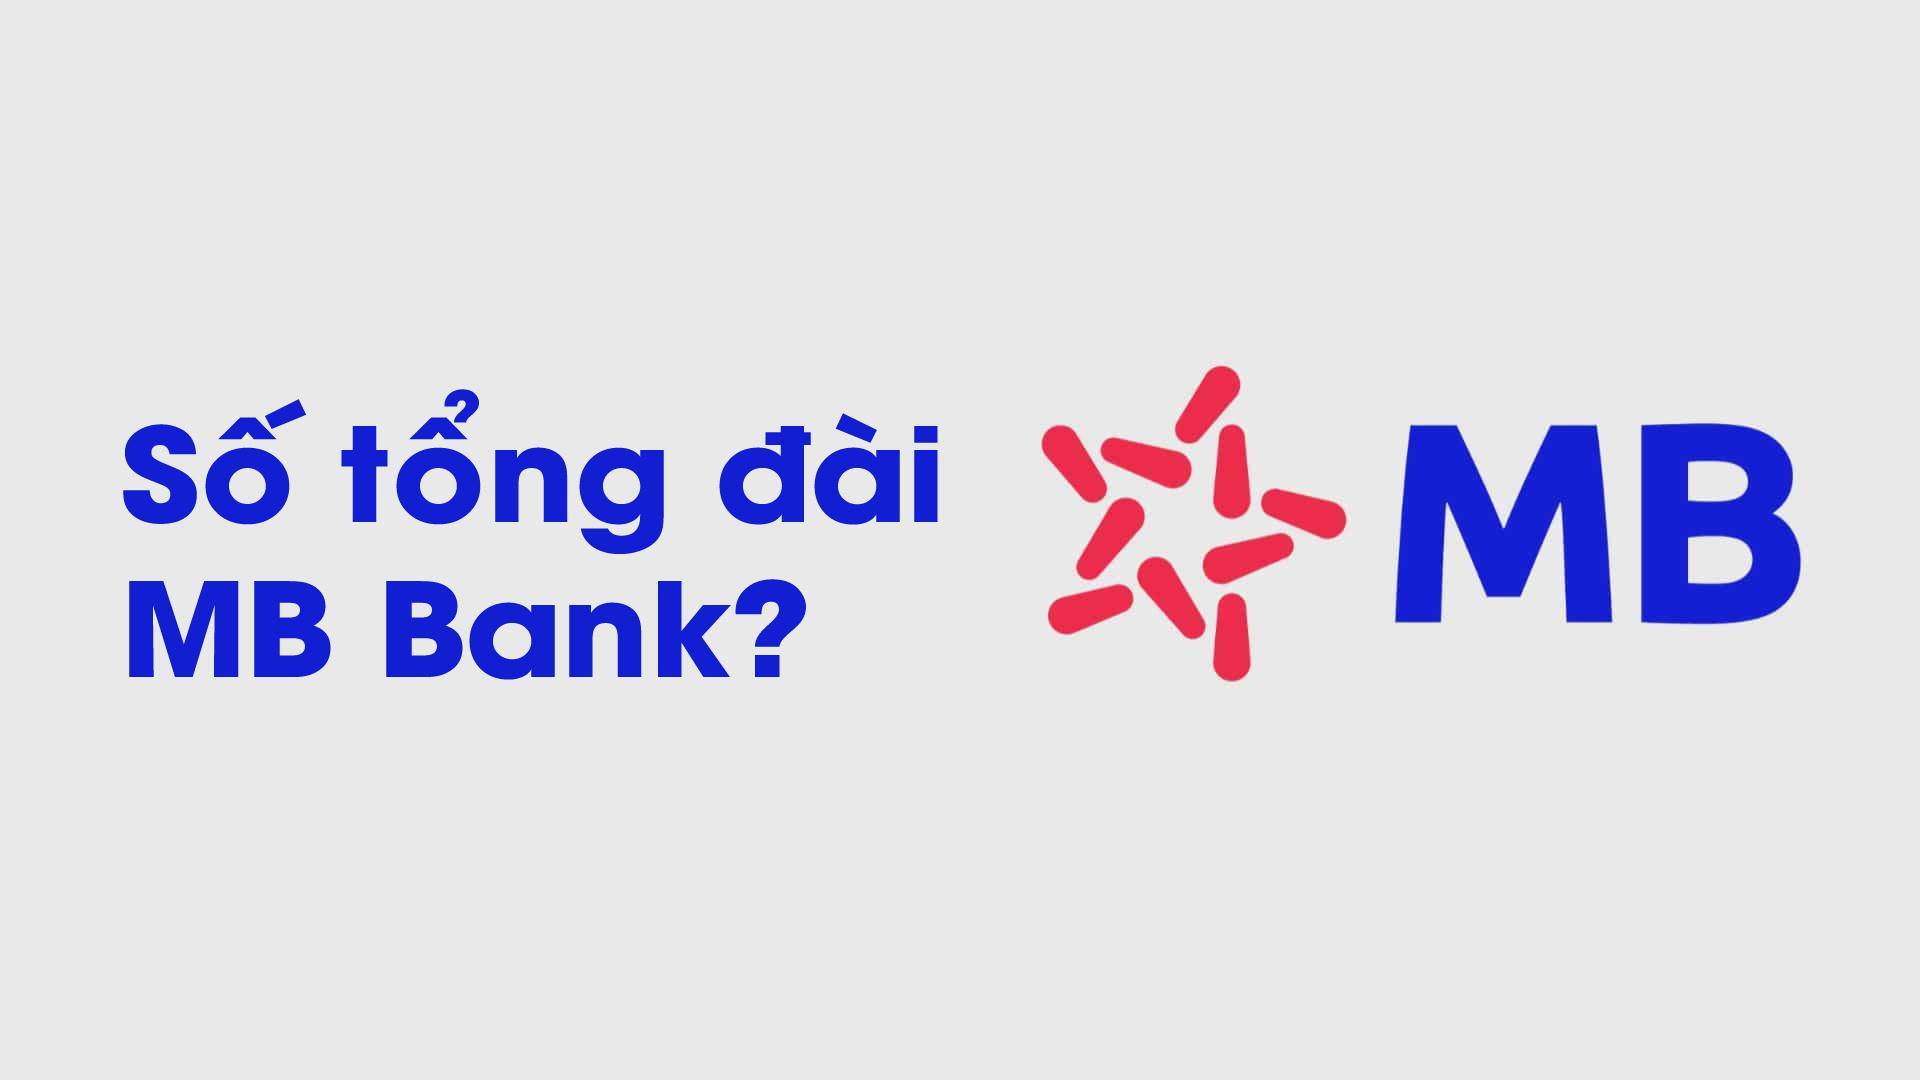 tong-dai-mb-bank-2